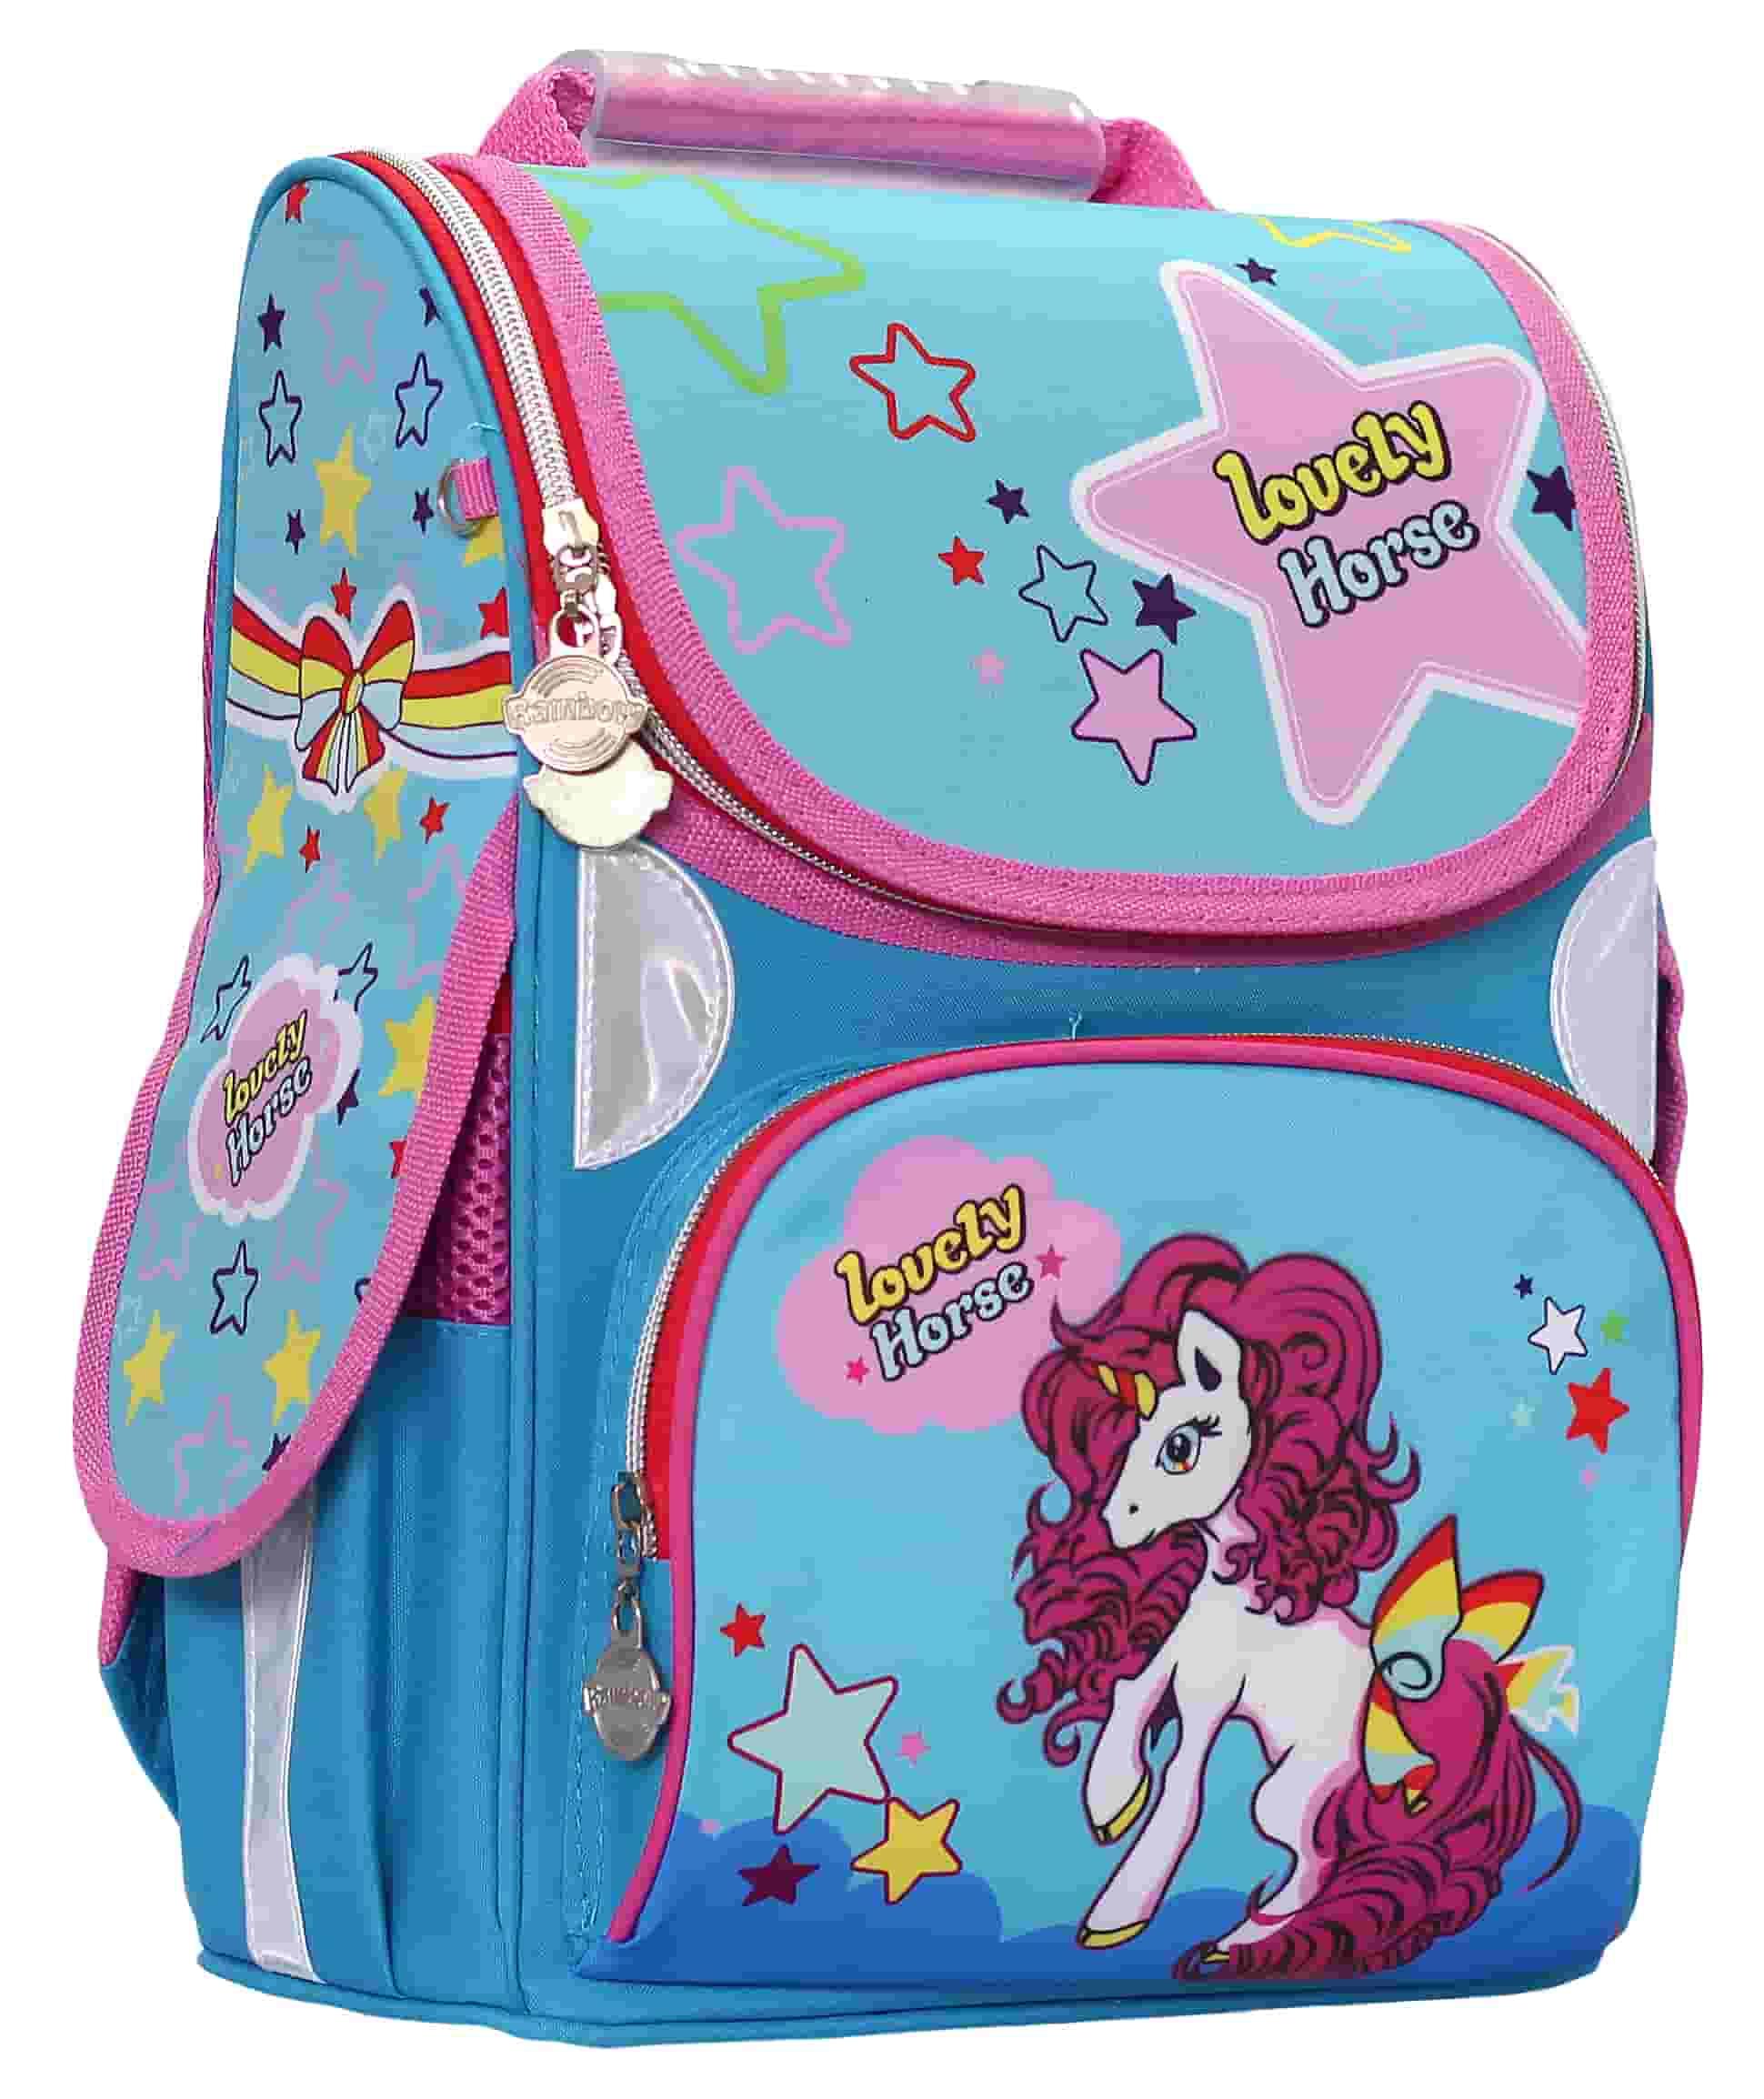 d2379e9f0a6b Рюкзак ранец школьный My Little Pony ортопедический RAINBOW 8-503 для  девочки